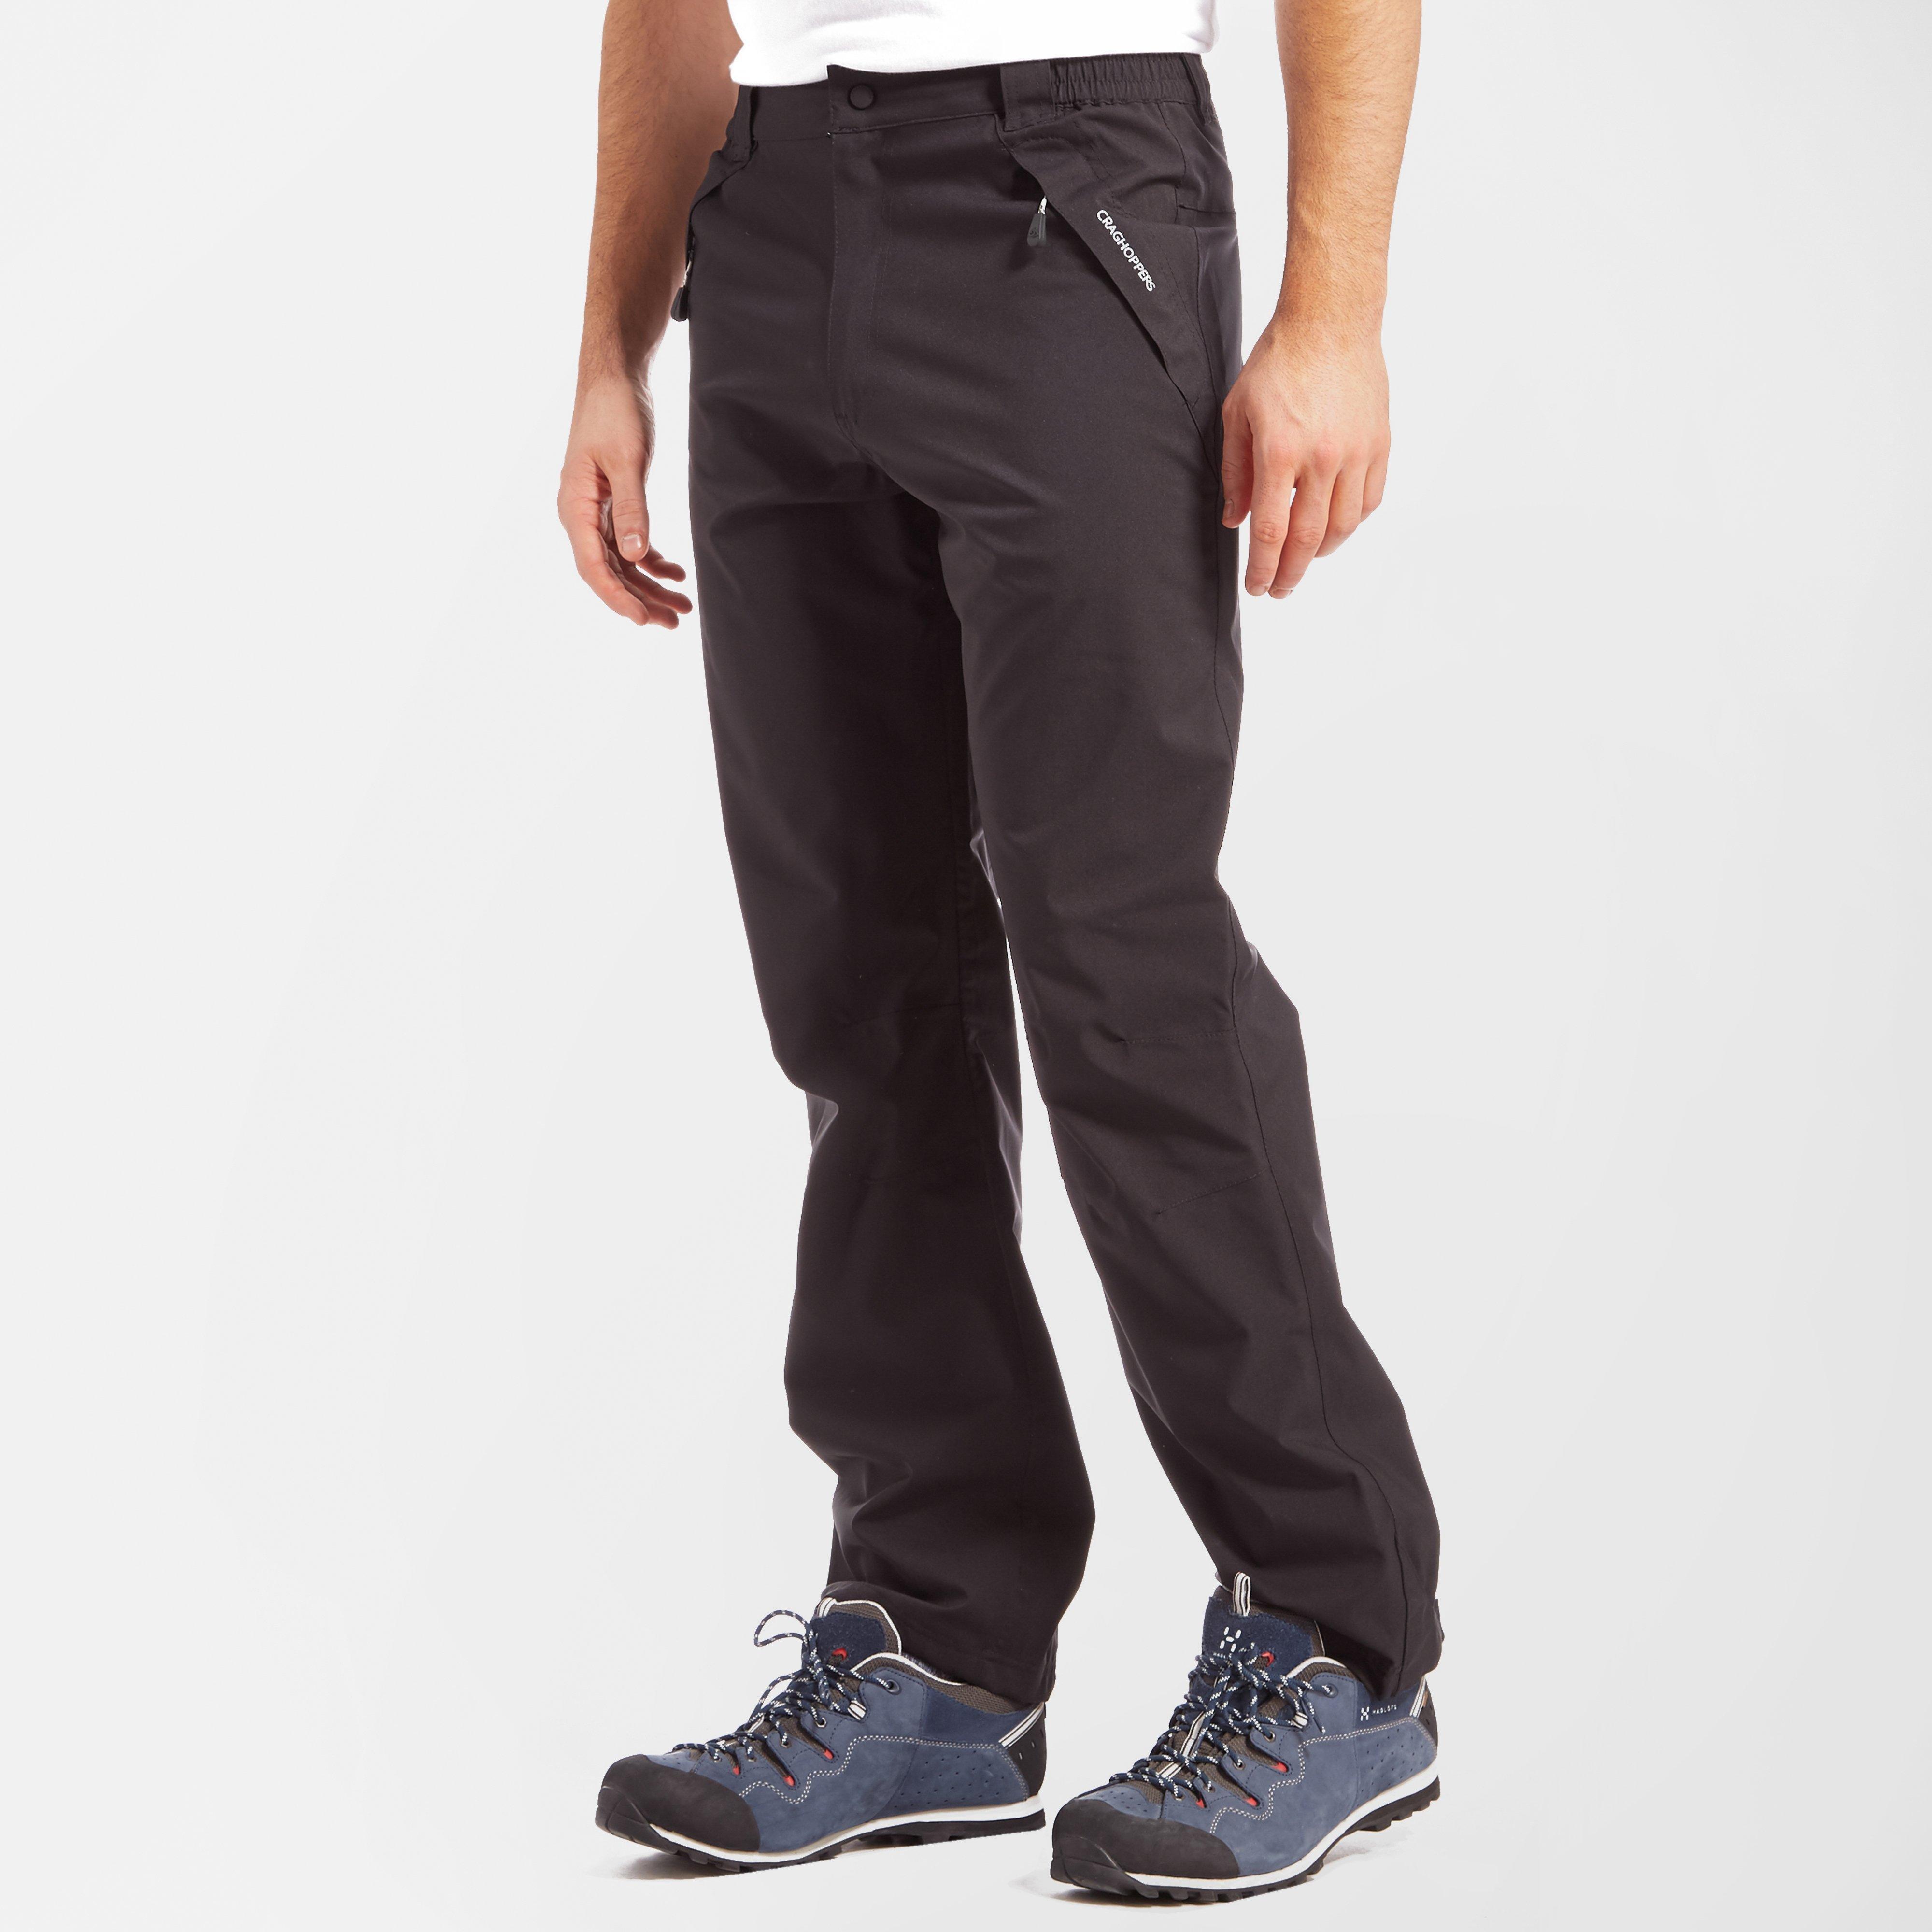 Craghoppers Craghoppers Mens Stefan Waterproof Trousers - Black, Black